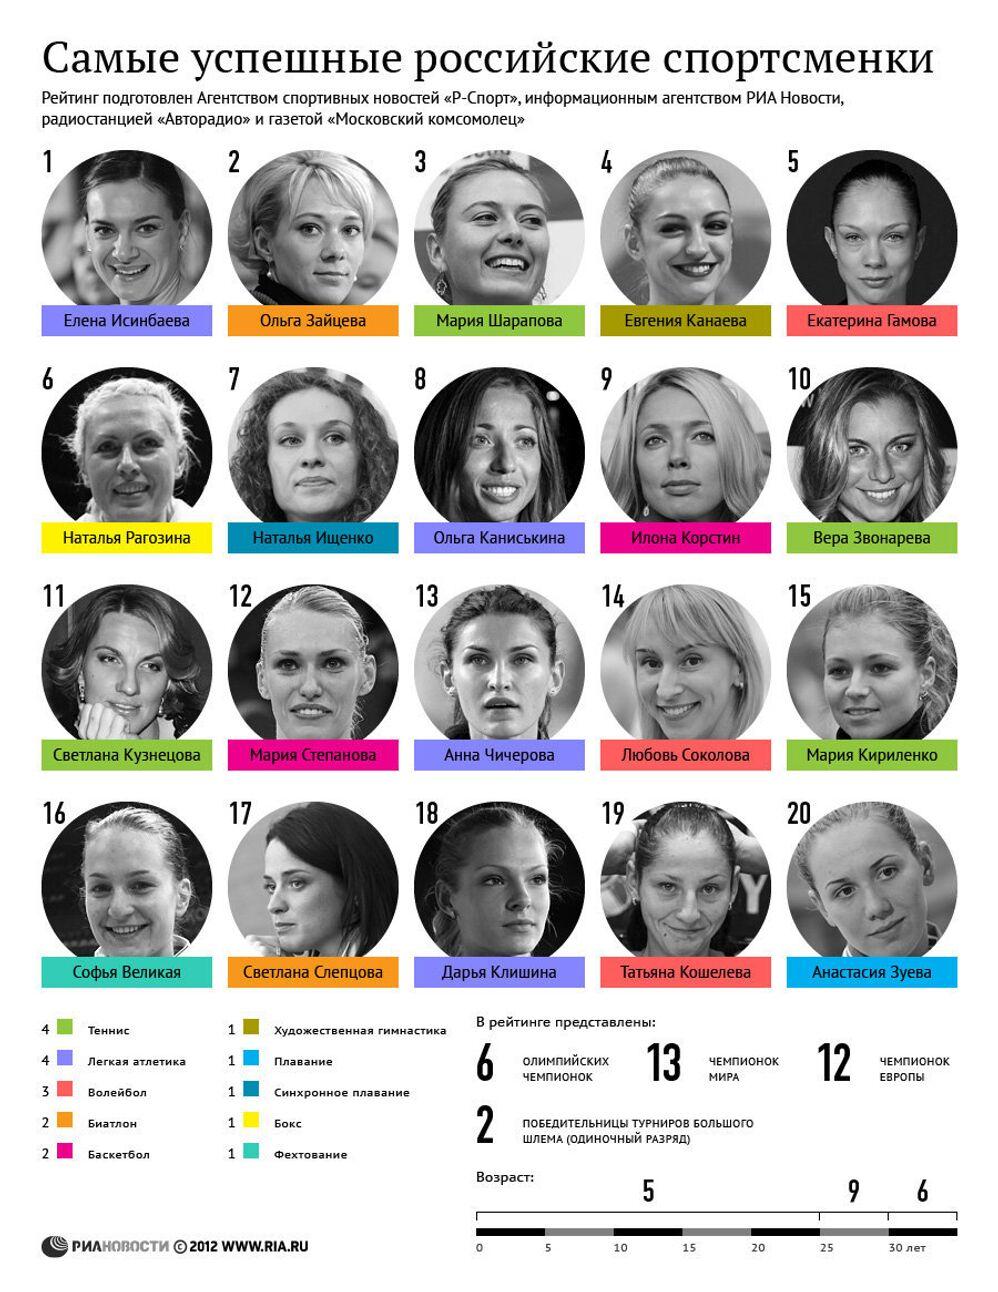 Самые успешные российские спортсменки